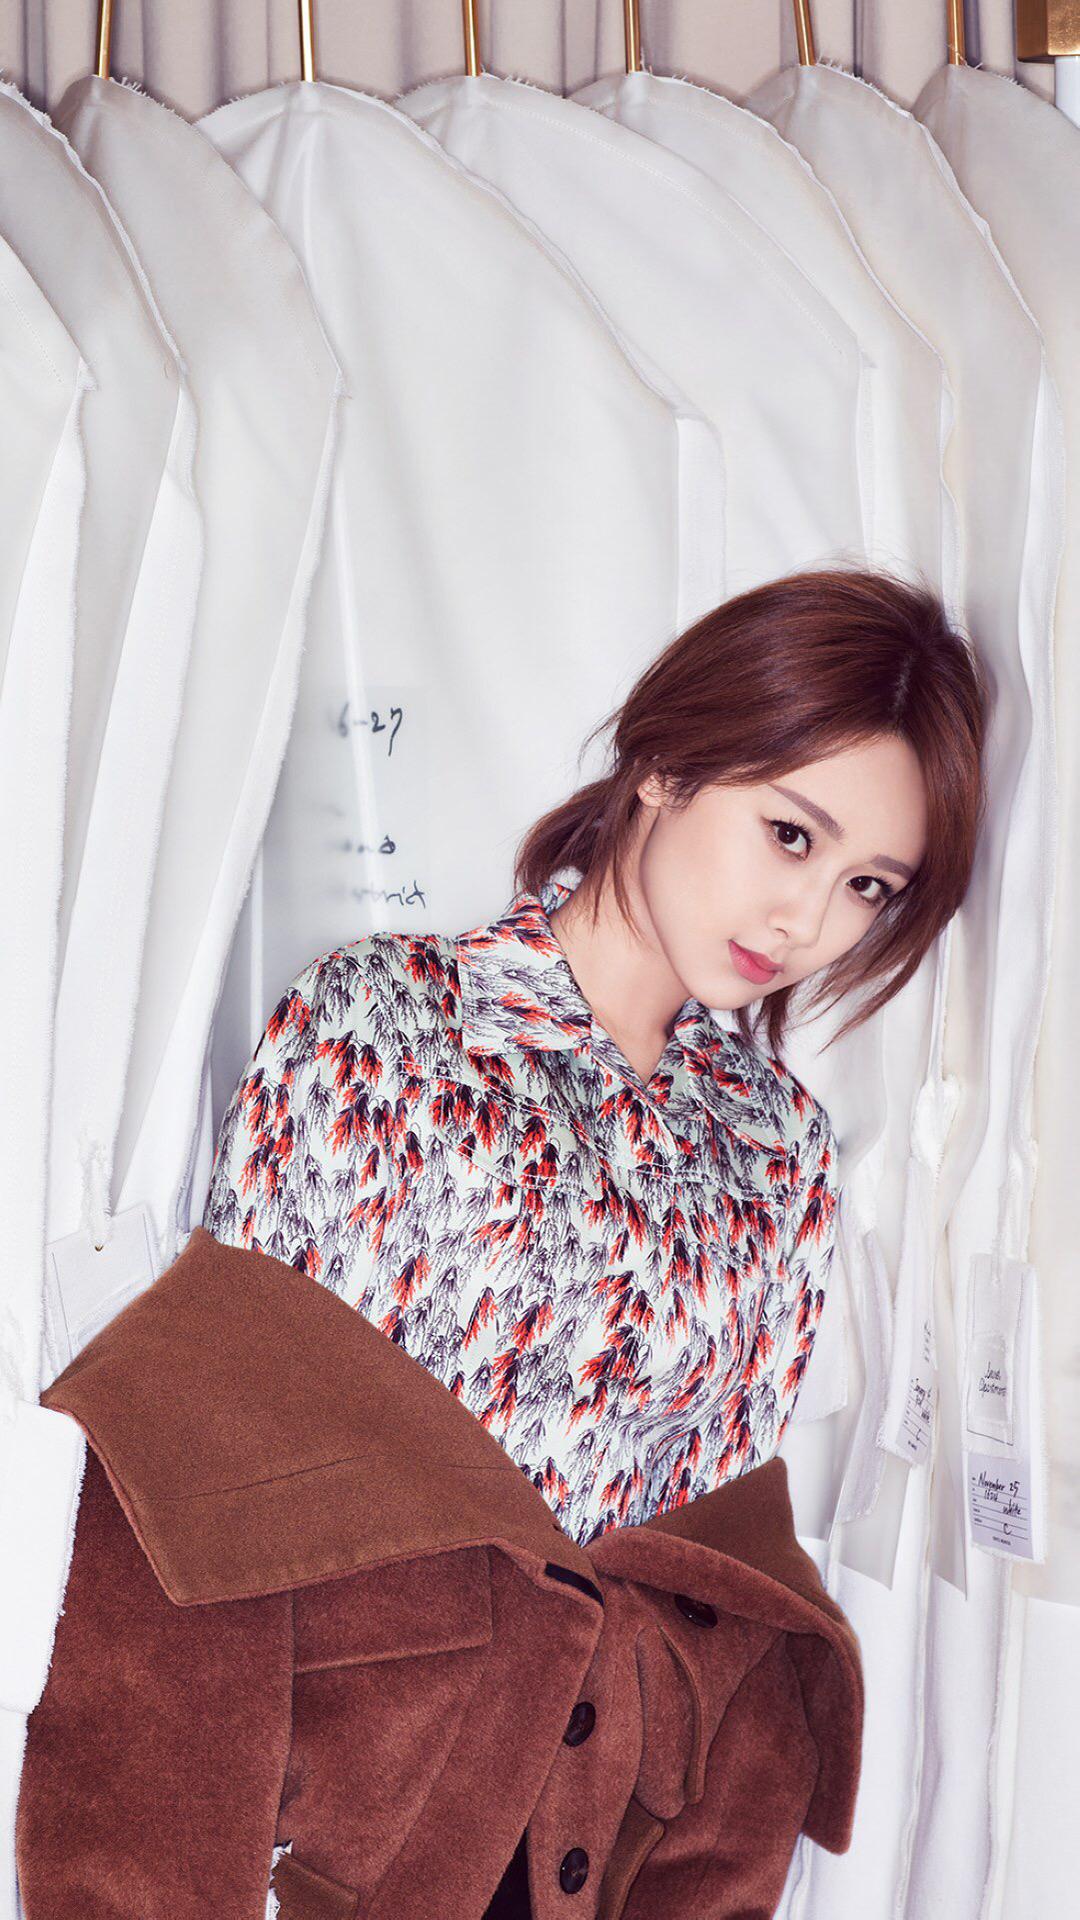 杨紫 演员 明星 童星 艺人 苹果手机高清壁纸 1080x